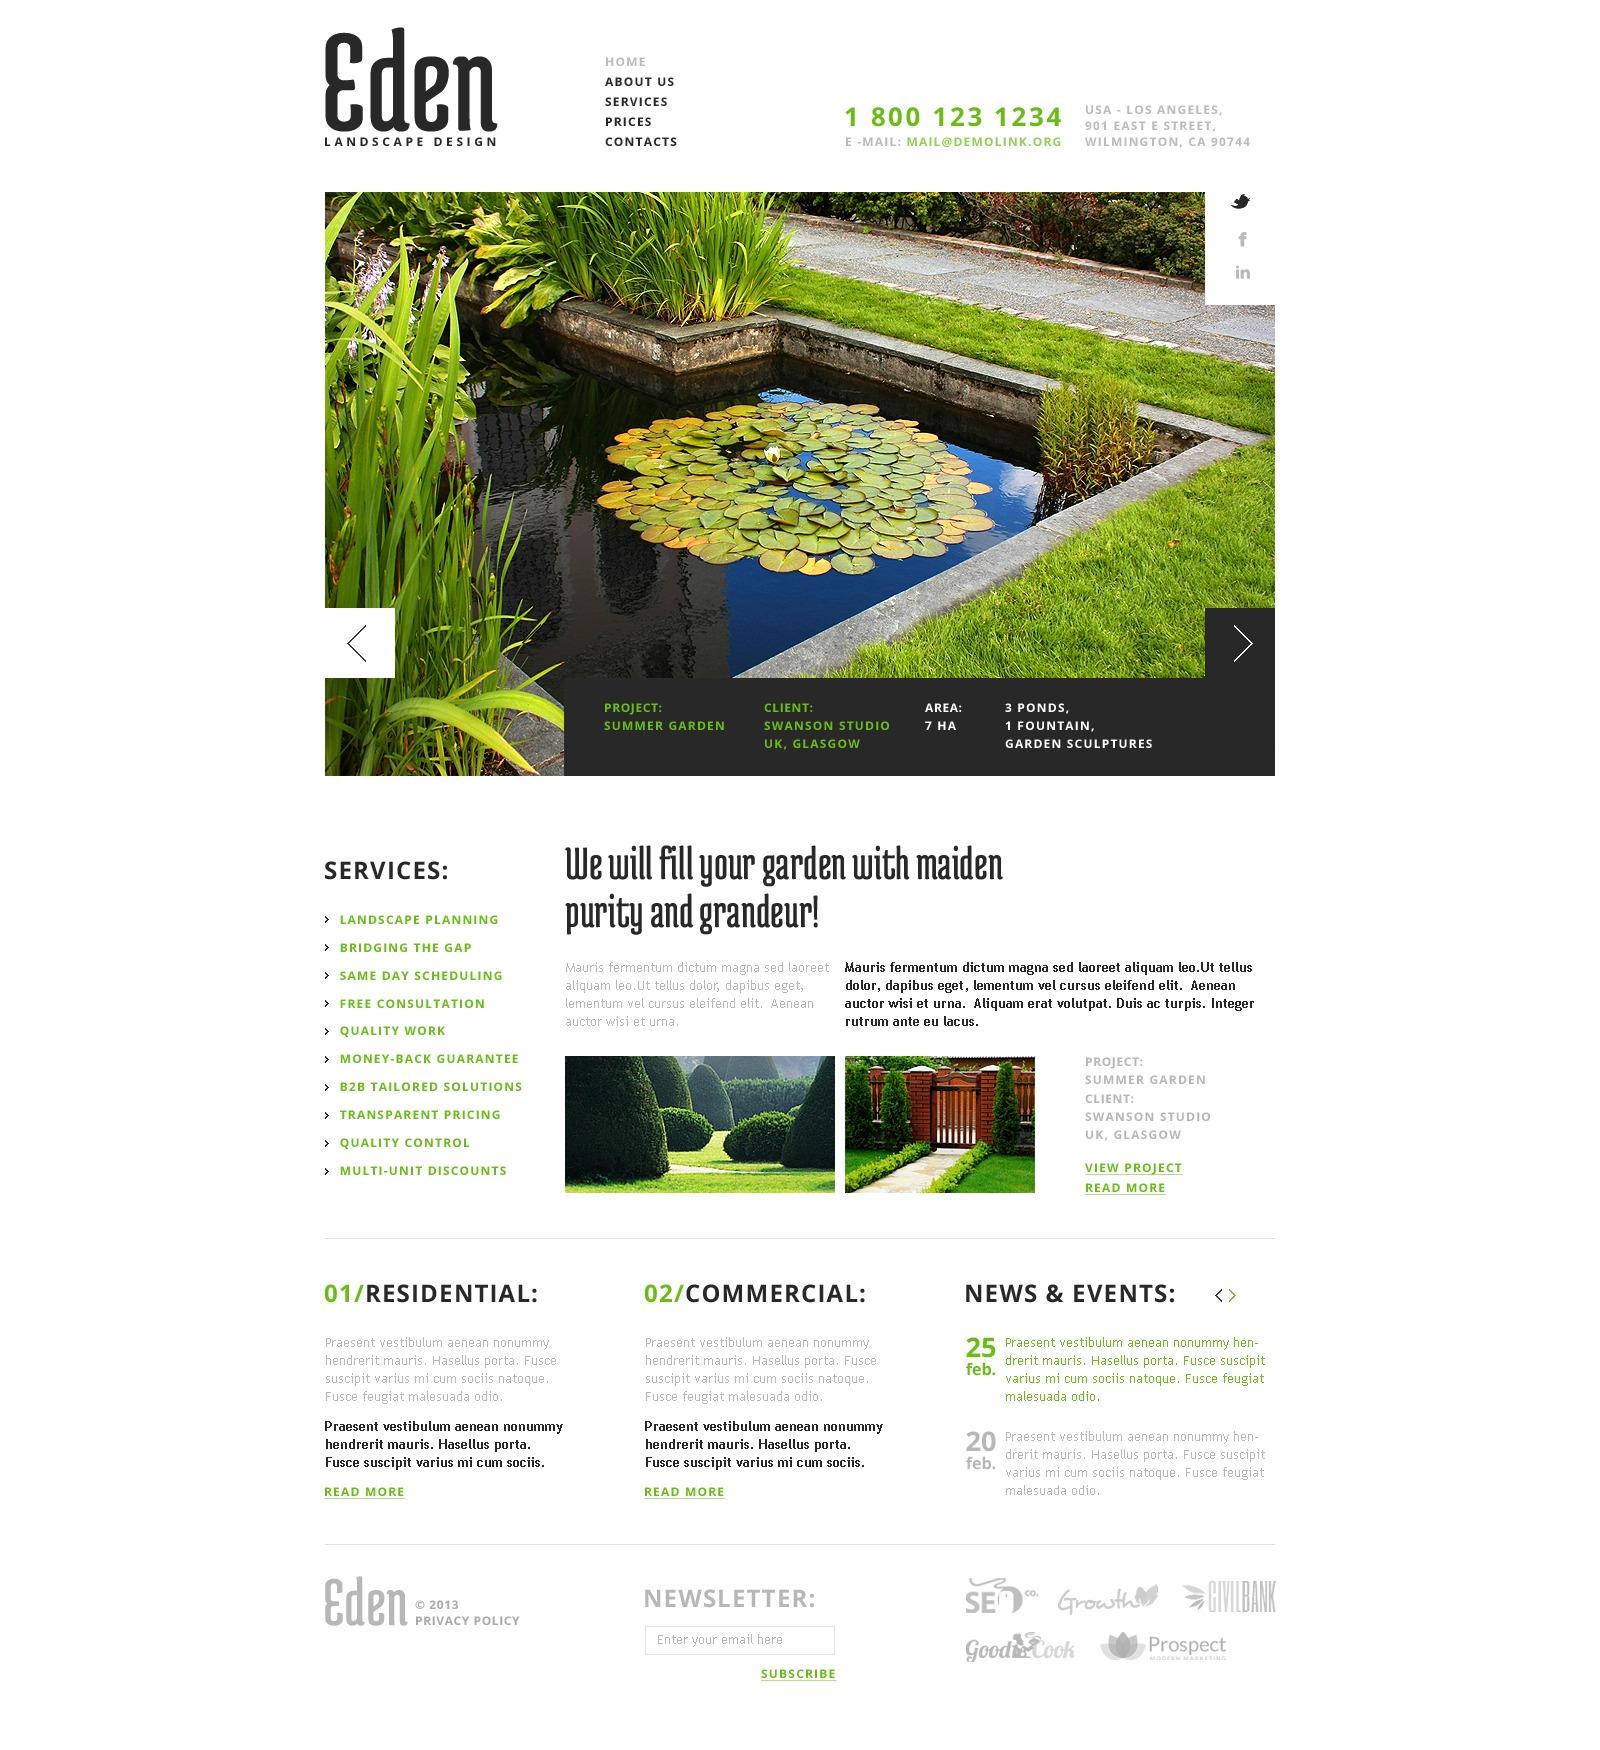 Modèle Web adaptatif pour site de design paysager #43643 - screenshot